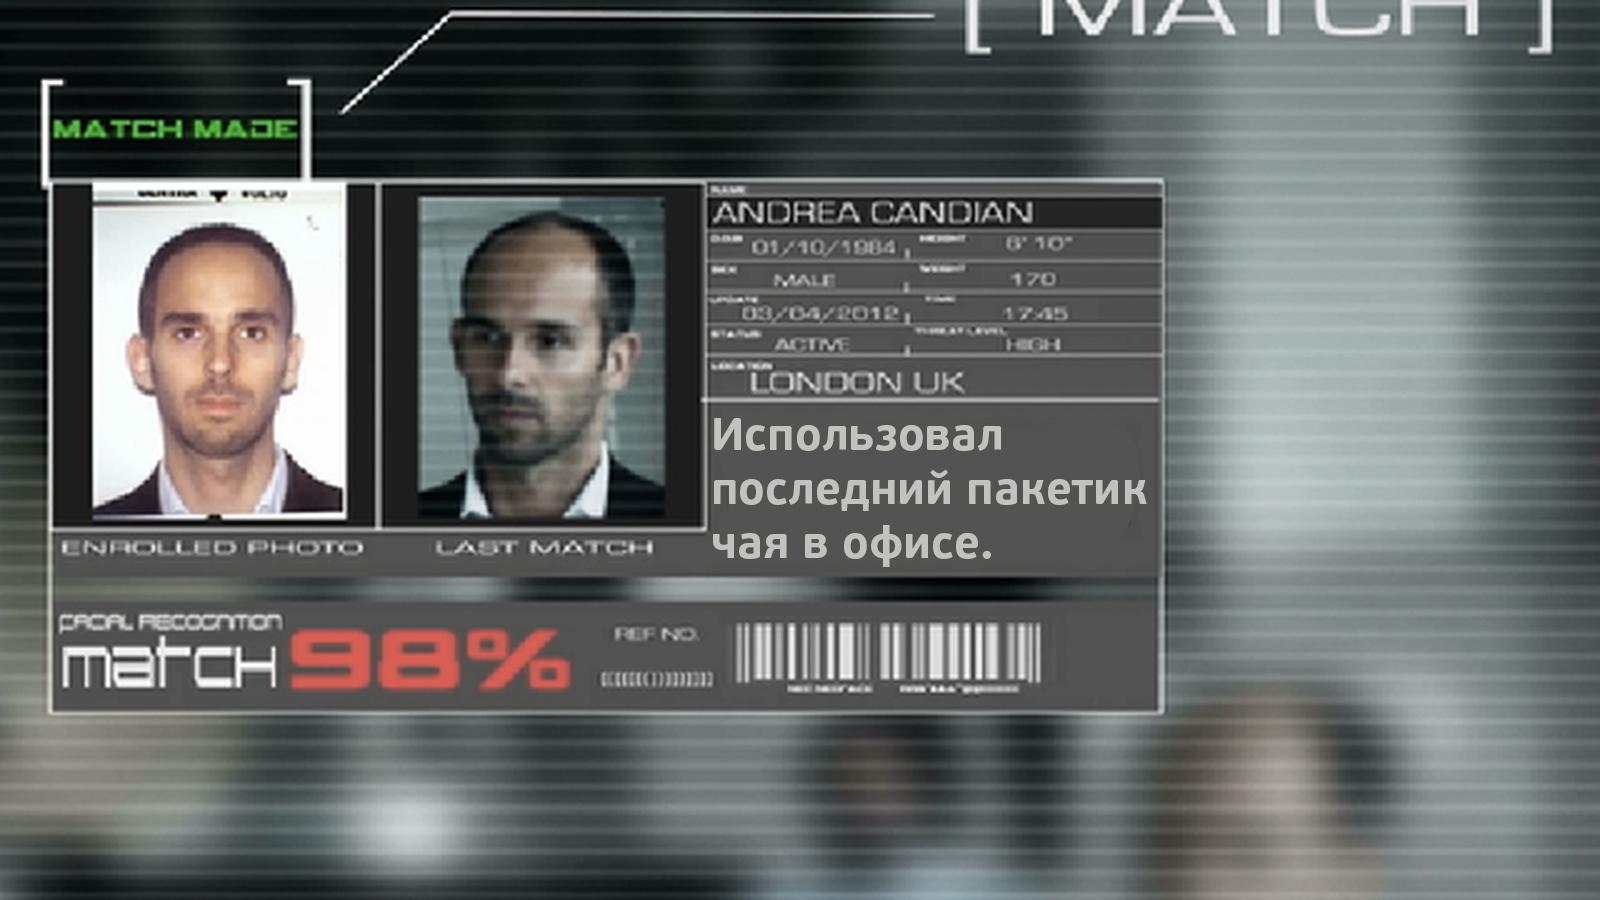 Российский алгоритм распознавания лиц признан лучшим в мире